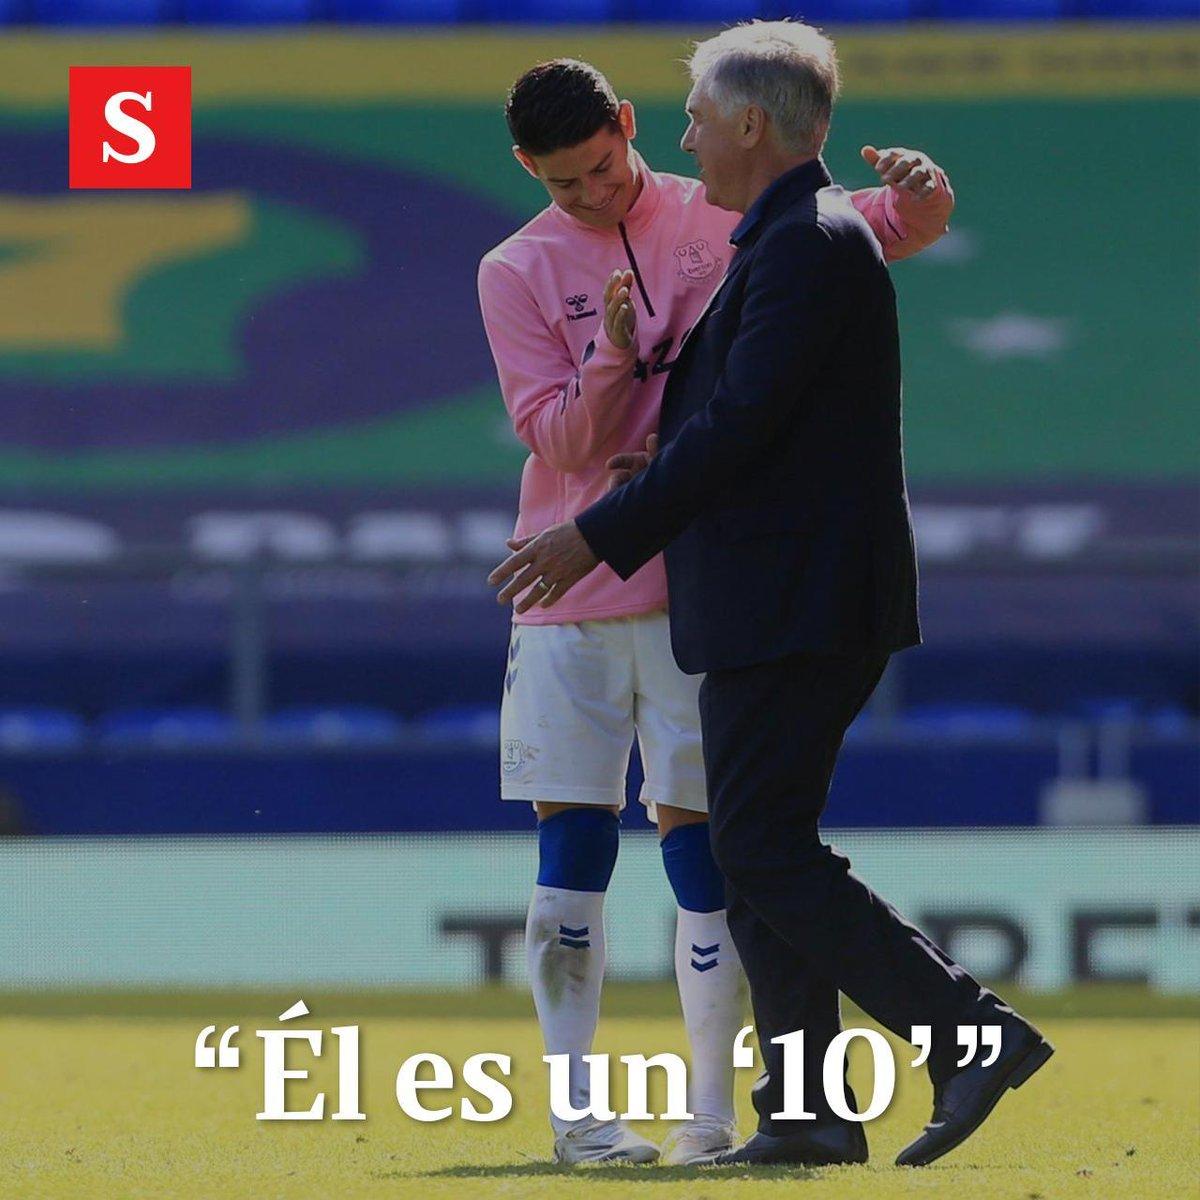 El escándalo de la supuesta pelea al interior de la Selección Colombia, en la que habría estado involucrado James Rodríguez, llegó hasta Inglaterra. En una rueda de prensa, el técnico Carlo Ancelotti fue cuestionado sobre el tema. https://t.co/VZcb5FcyQp https://t.co/tlWeNnvHiH